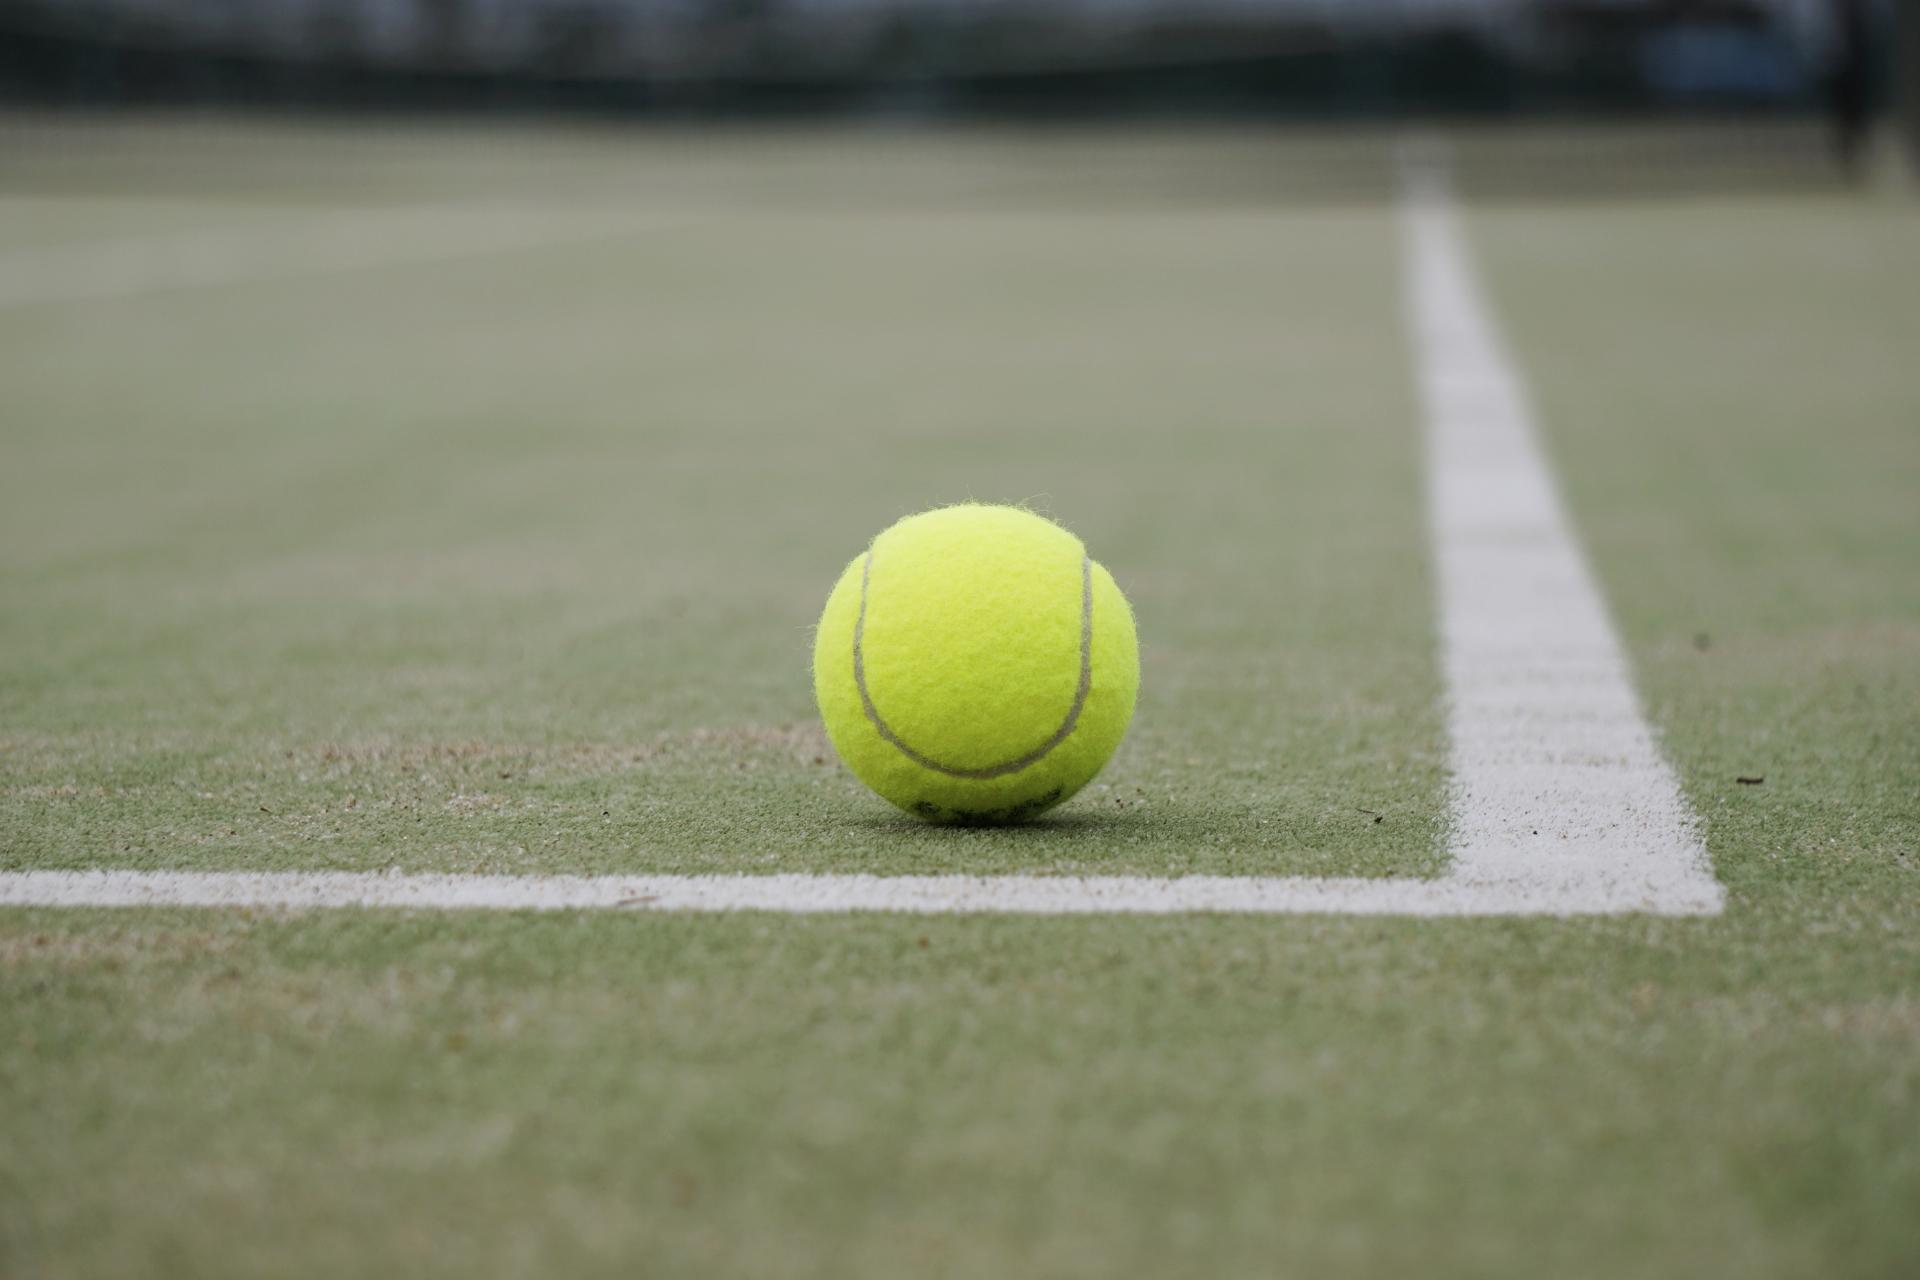 テニスコートのサーフェスはいろいろな種類がある。それぞれの違いを理解しよう。